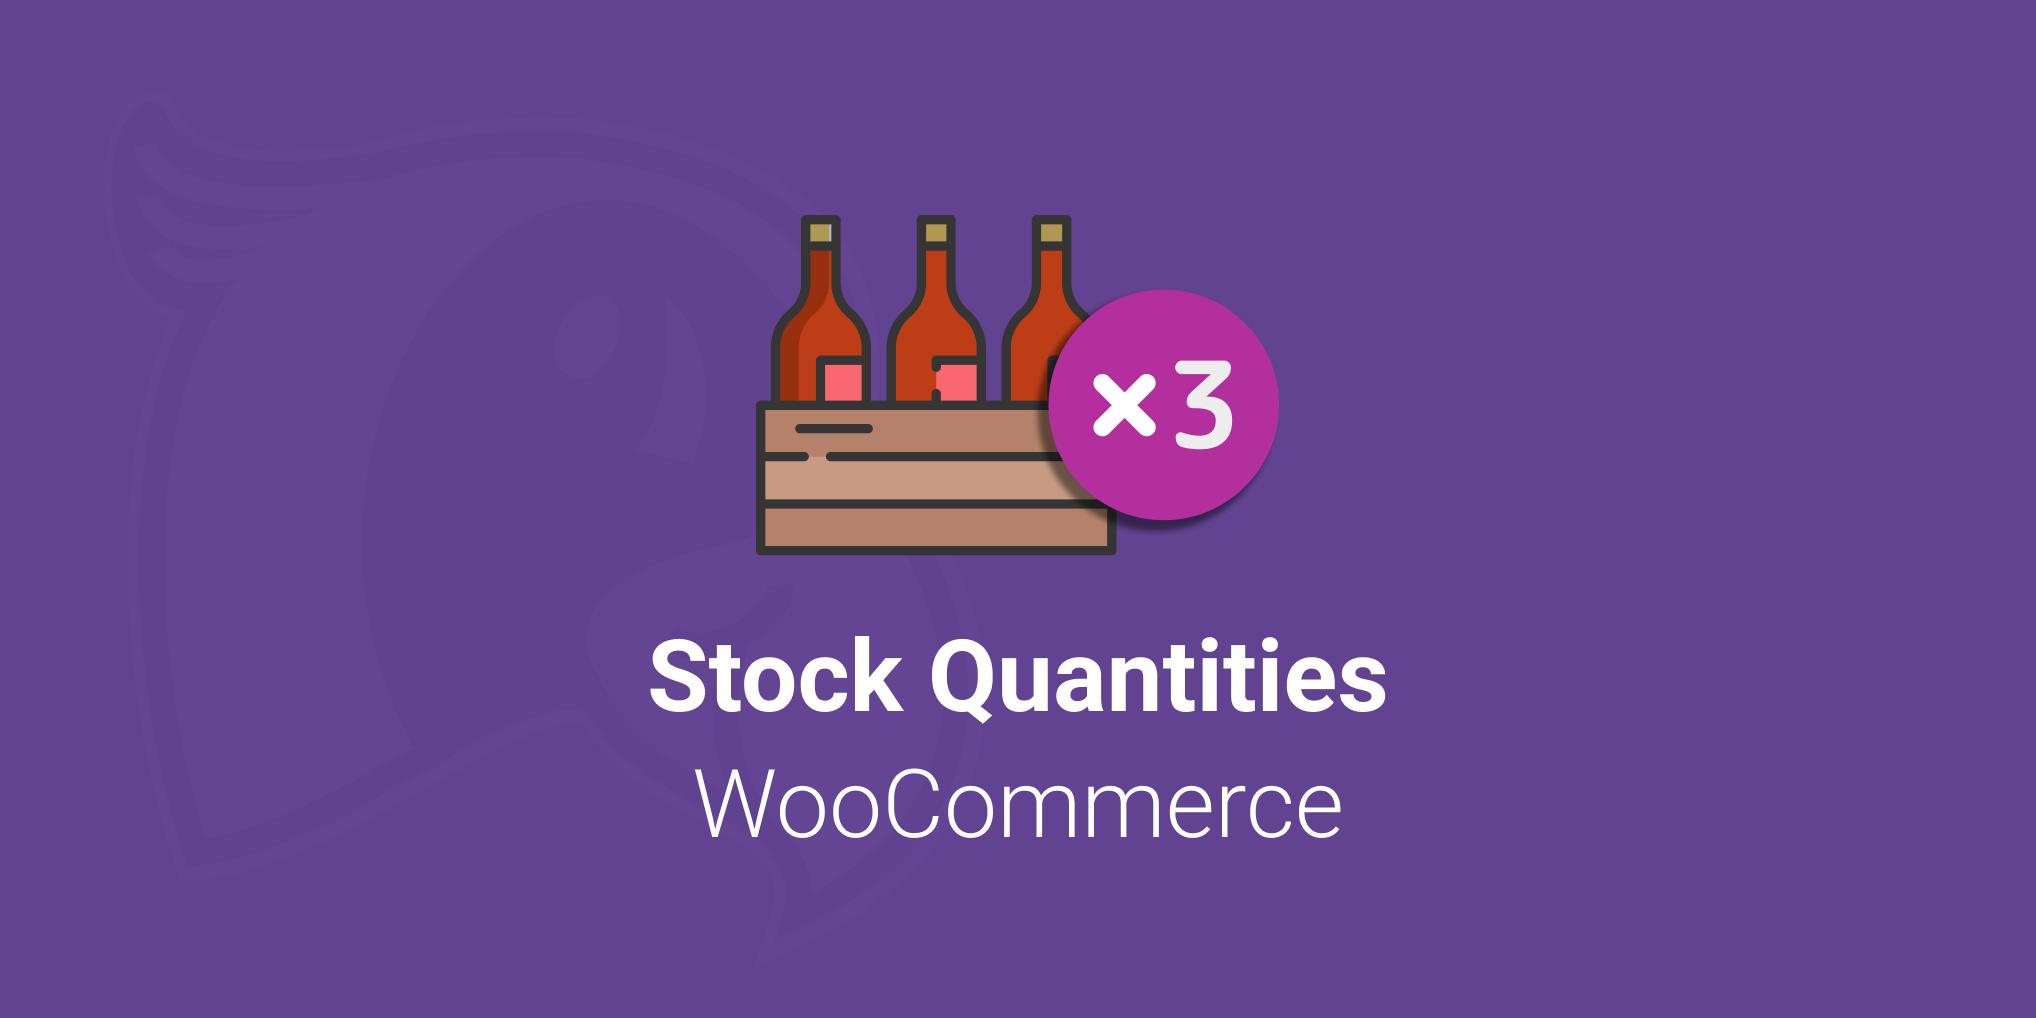 Stock Quantities for WooCommerce plugin